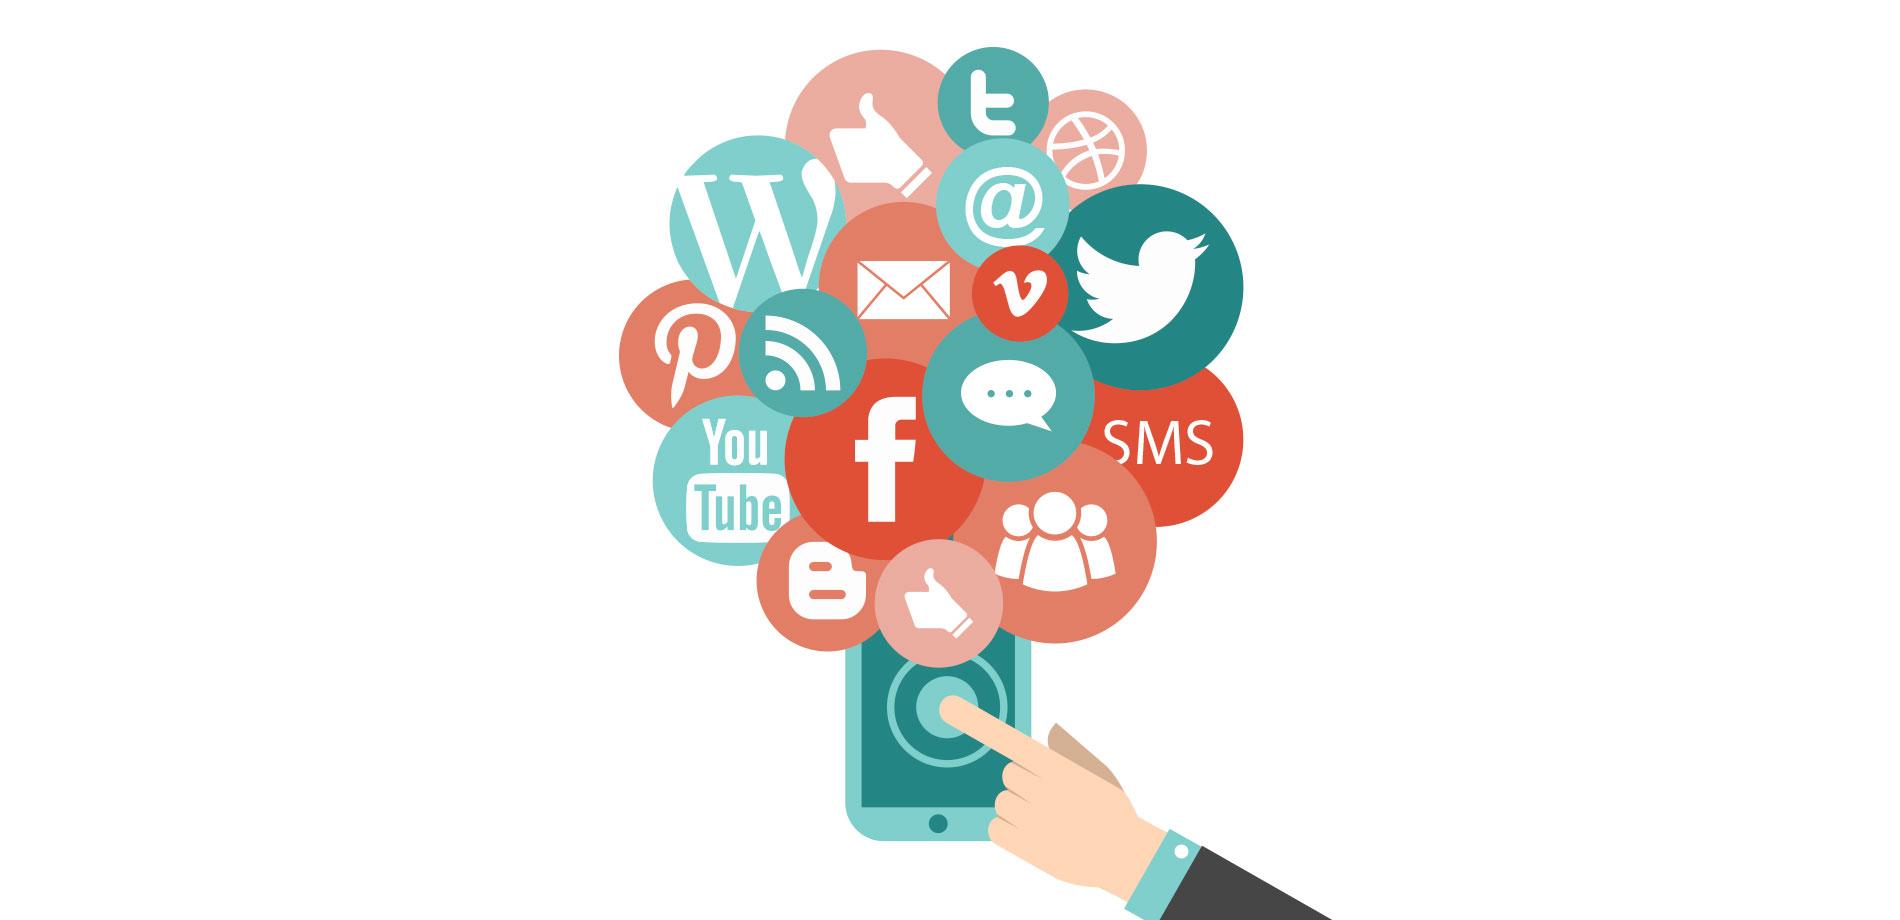 Como obter clientes nas redes sociais através da sua bio